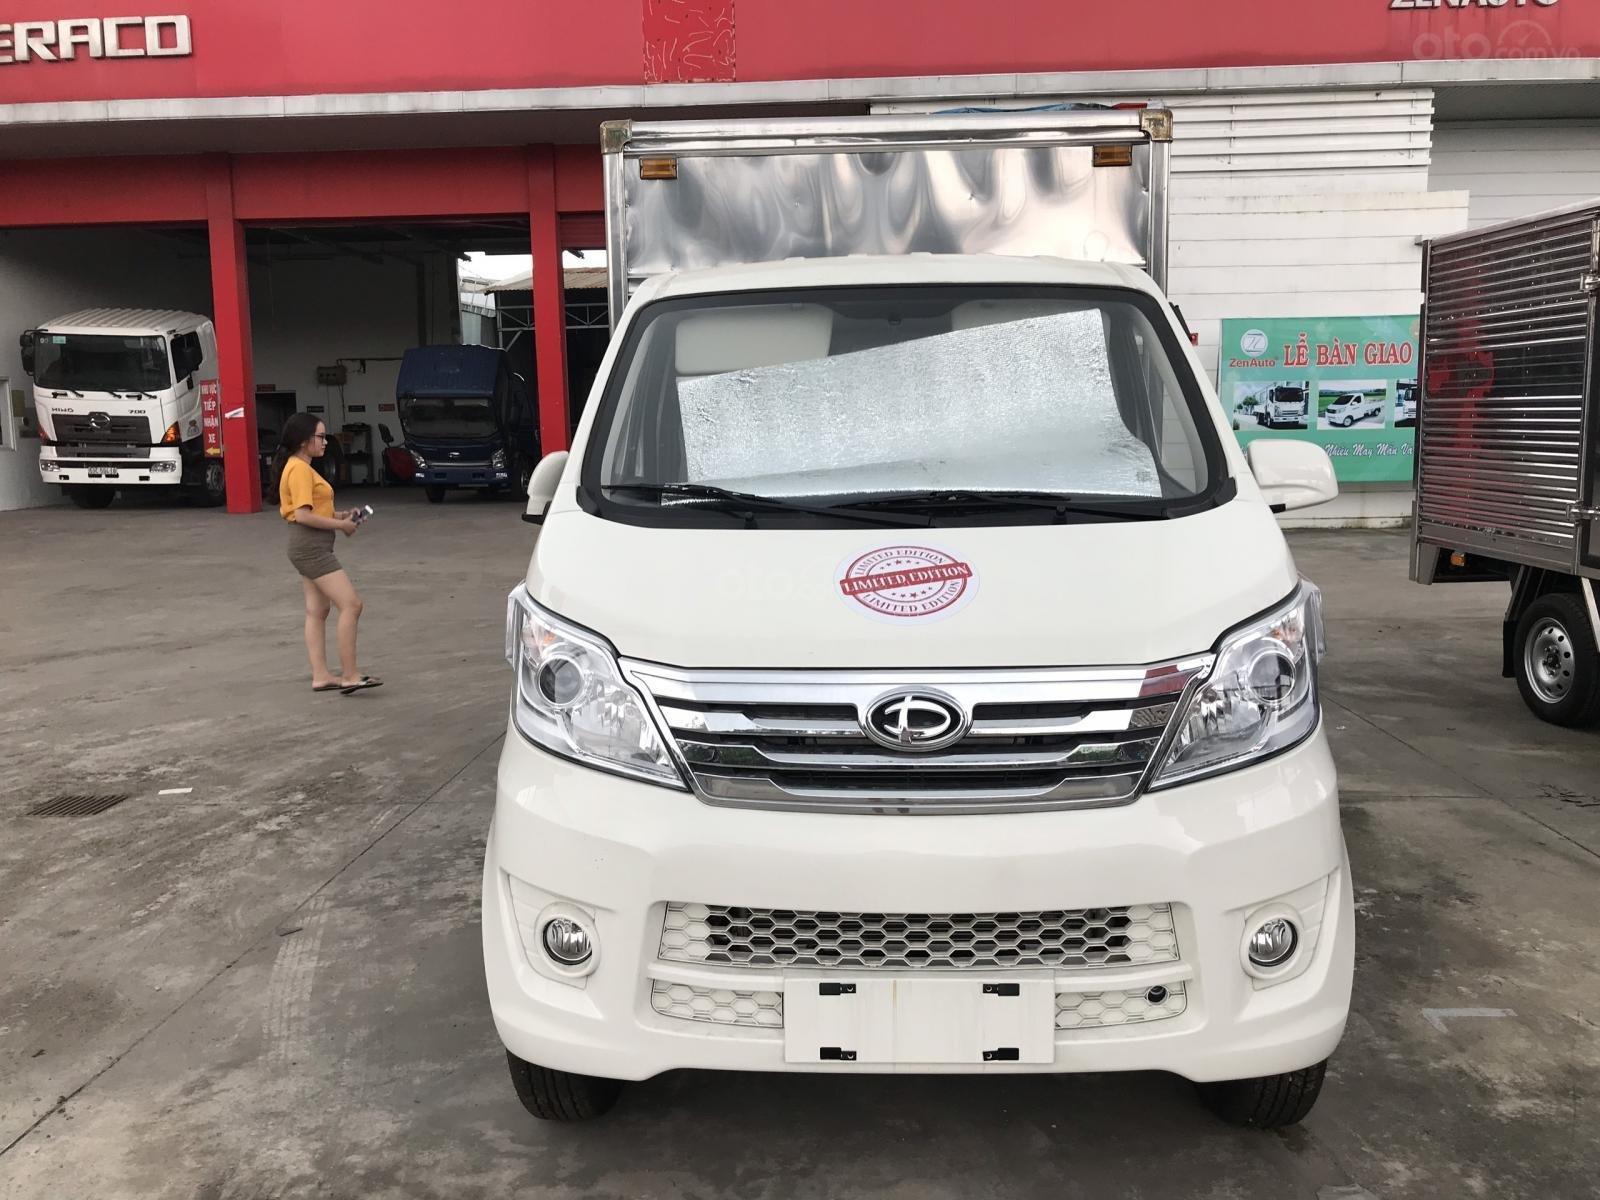 Xe tải nhỏ 1 tấn giá rẻ tại Bình Dương - màu trắng sx 2019 - Khuyến mãi 5 triệu trong tháng 9 (2)